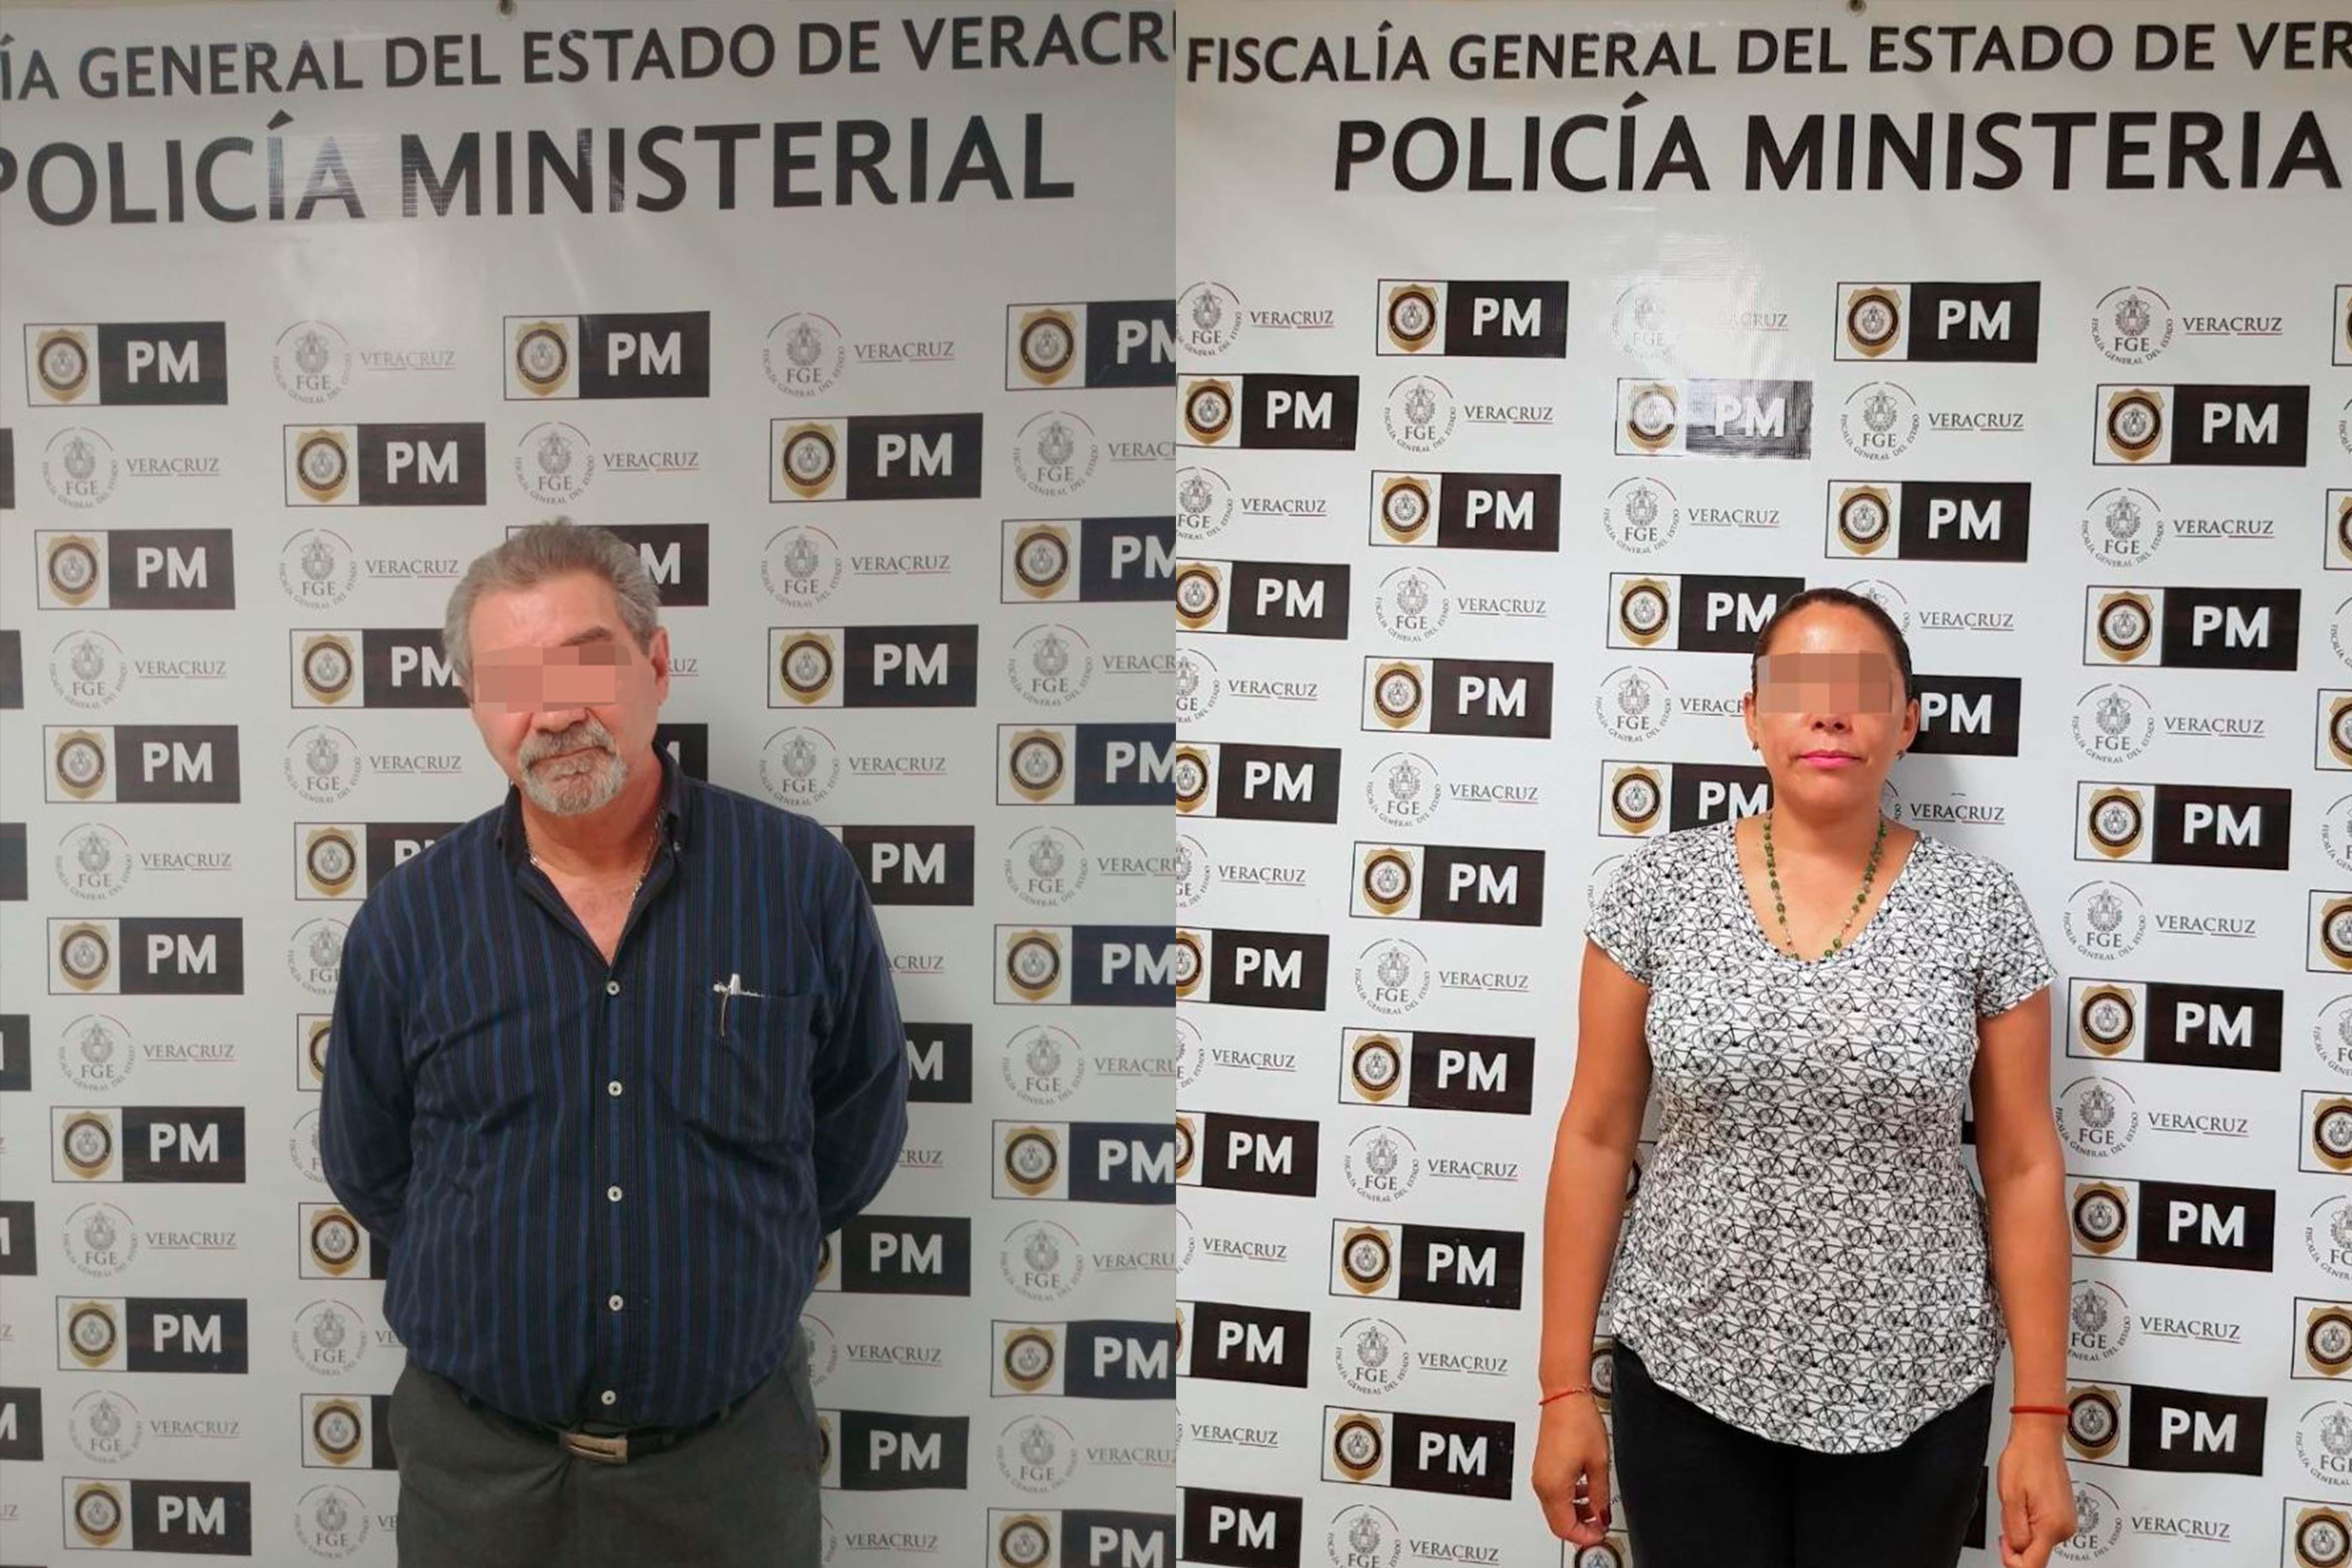 Familiares de desaparecidos protestan en penal de Veracruz